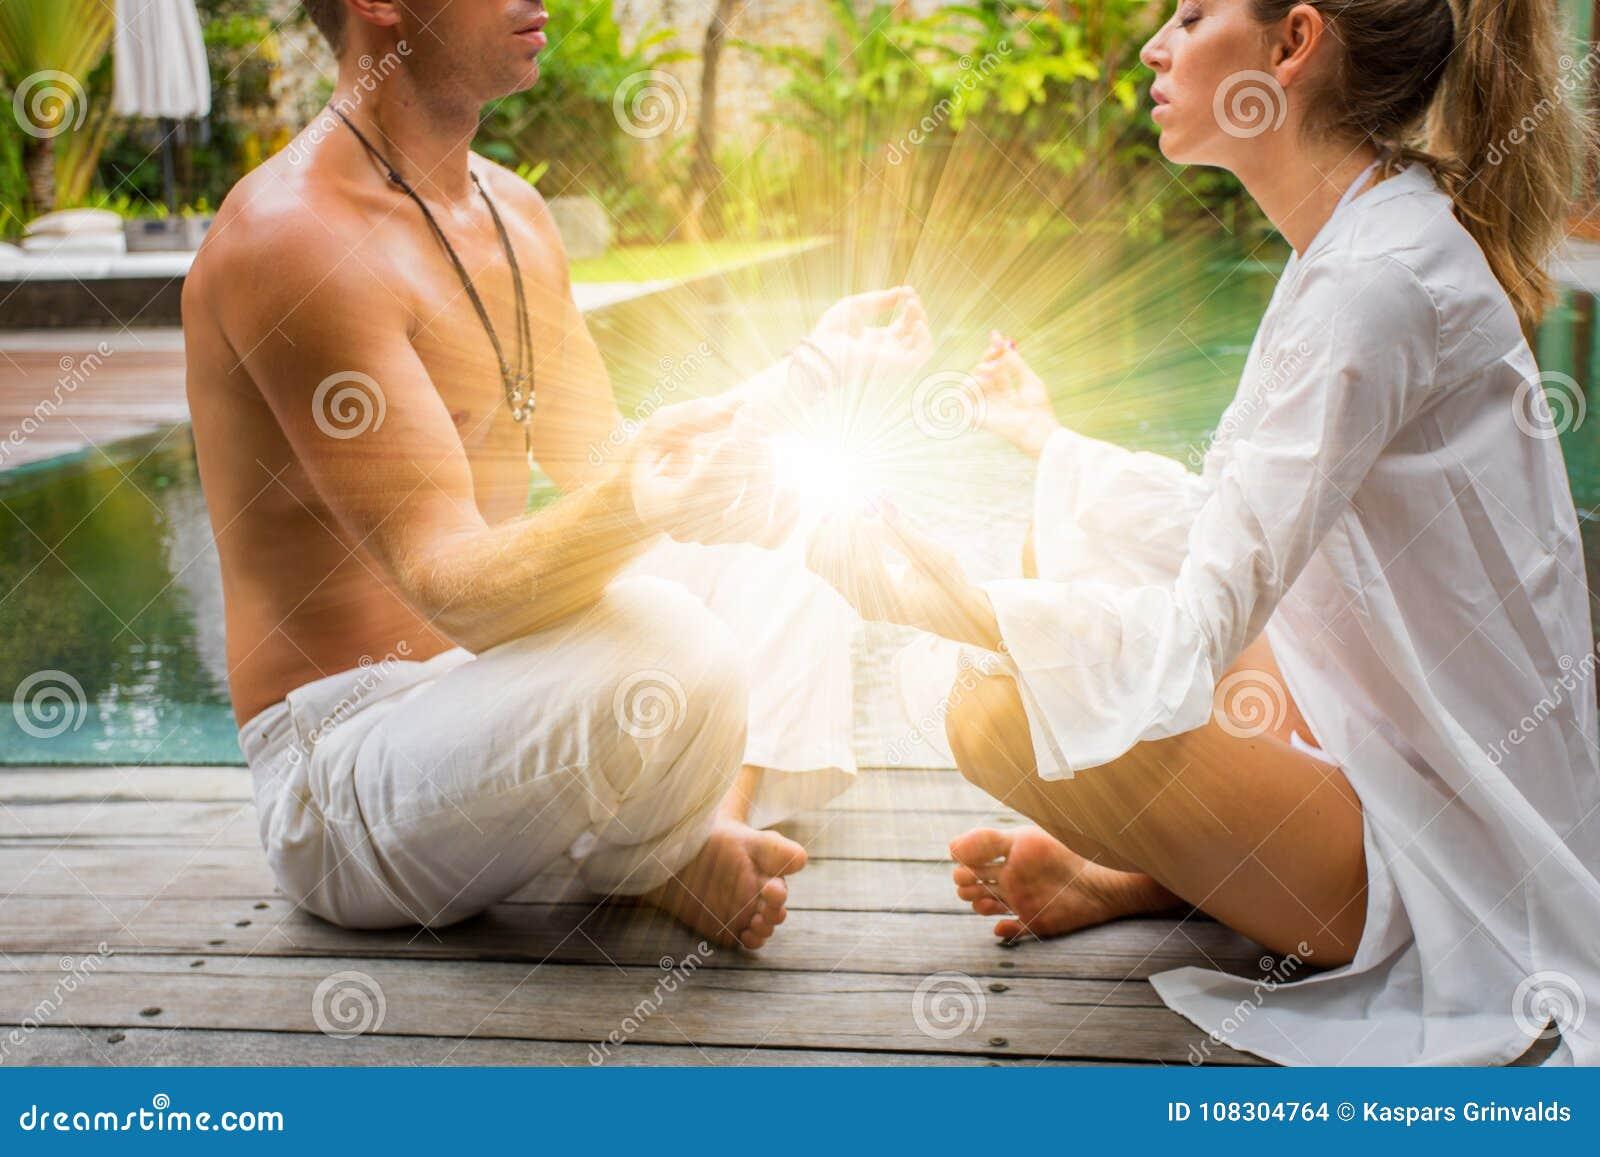 Andliga par som finner fred och harmoni